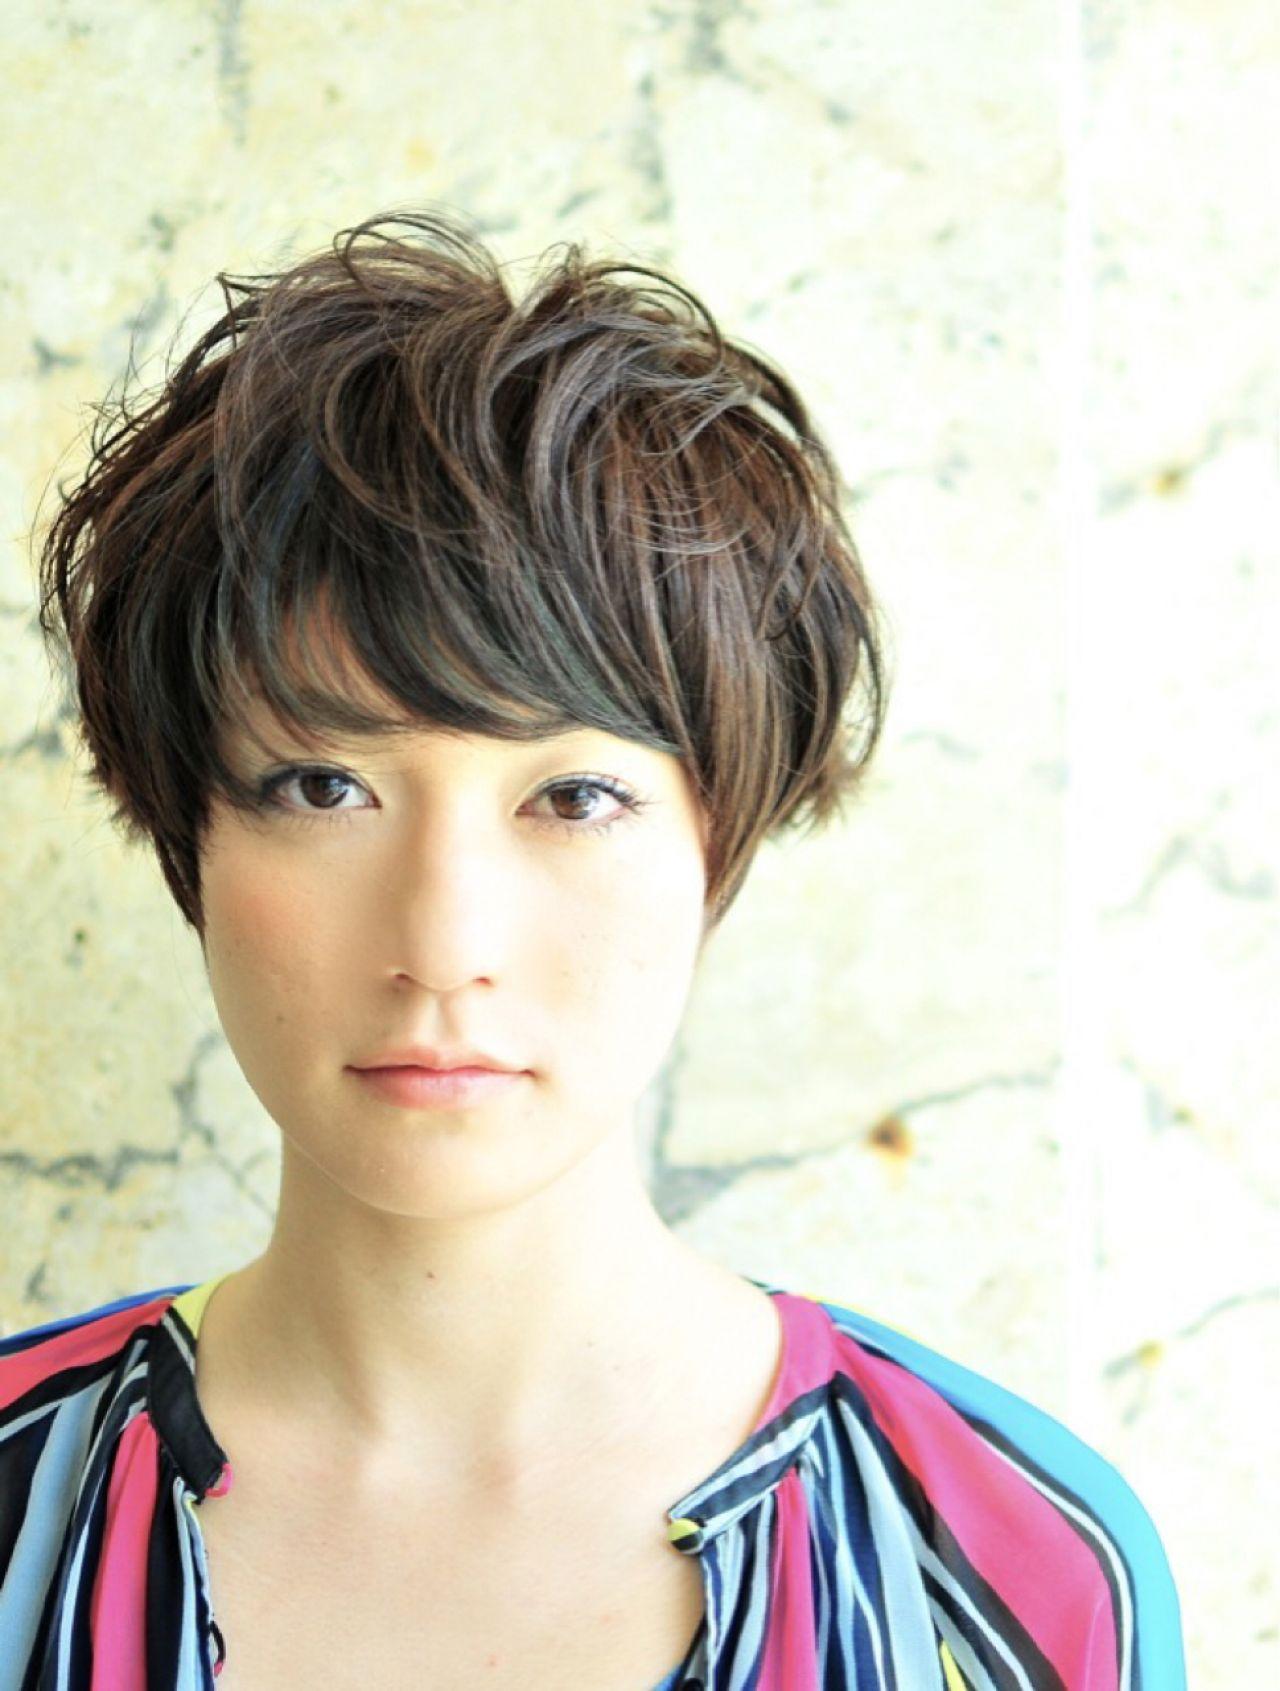 黒髪 ショート ヘアスタイルや髪型の写真・画像